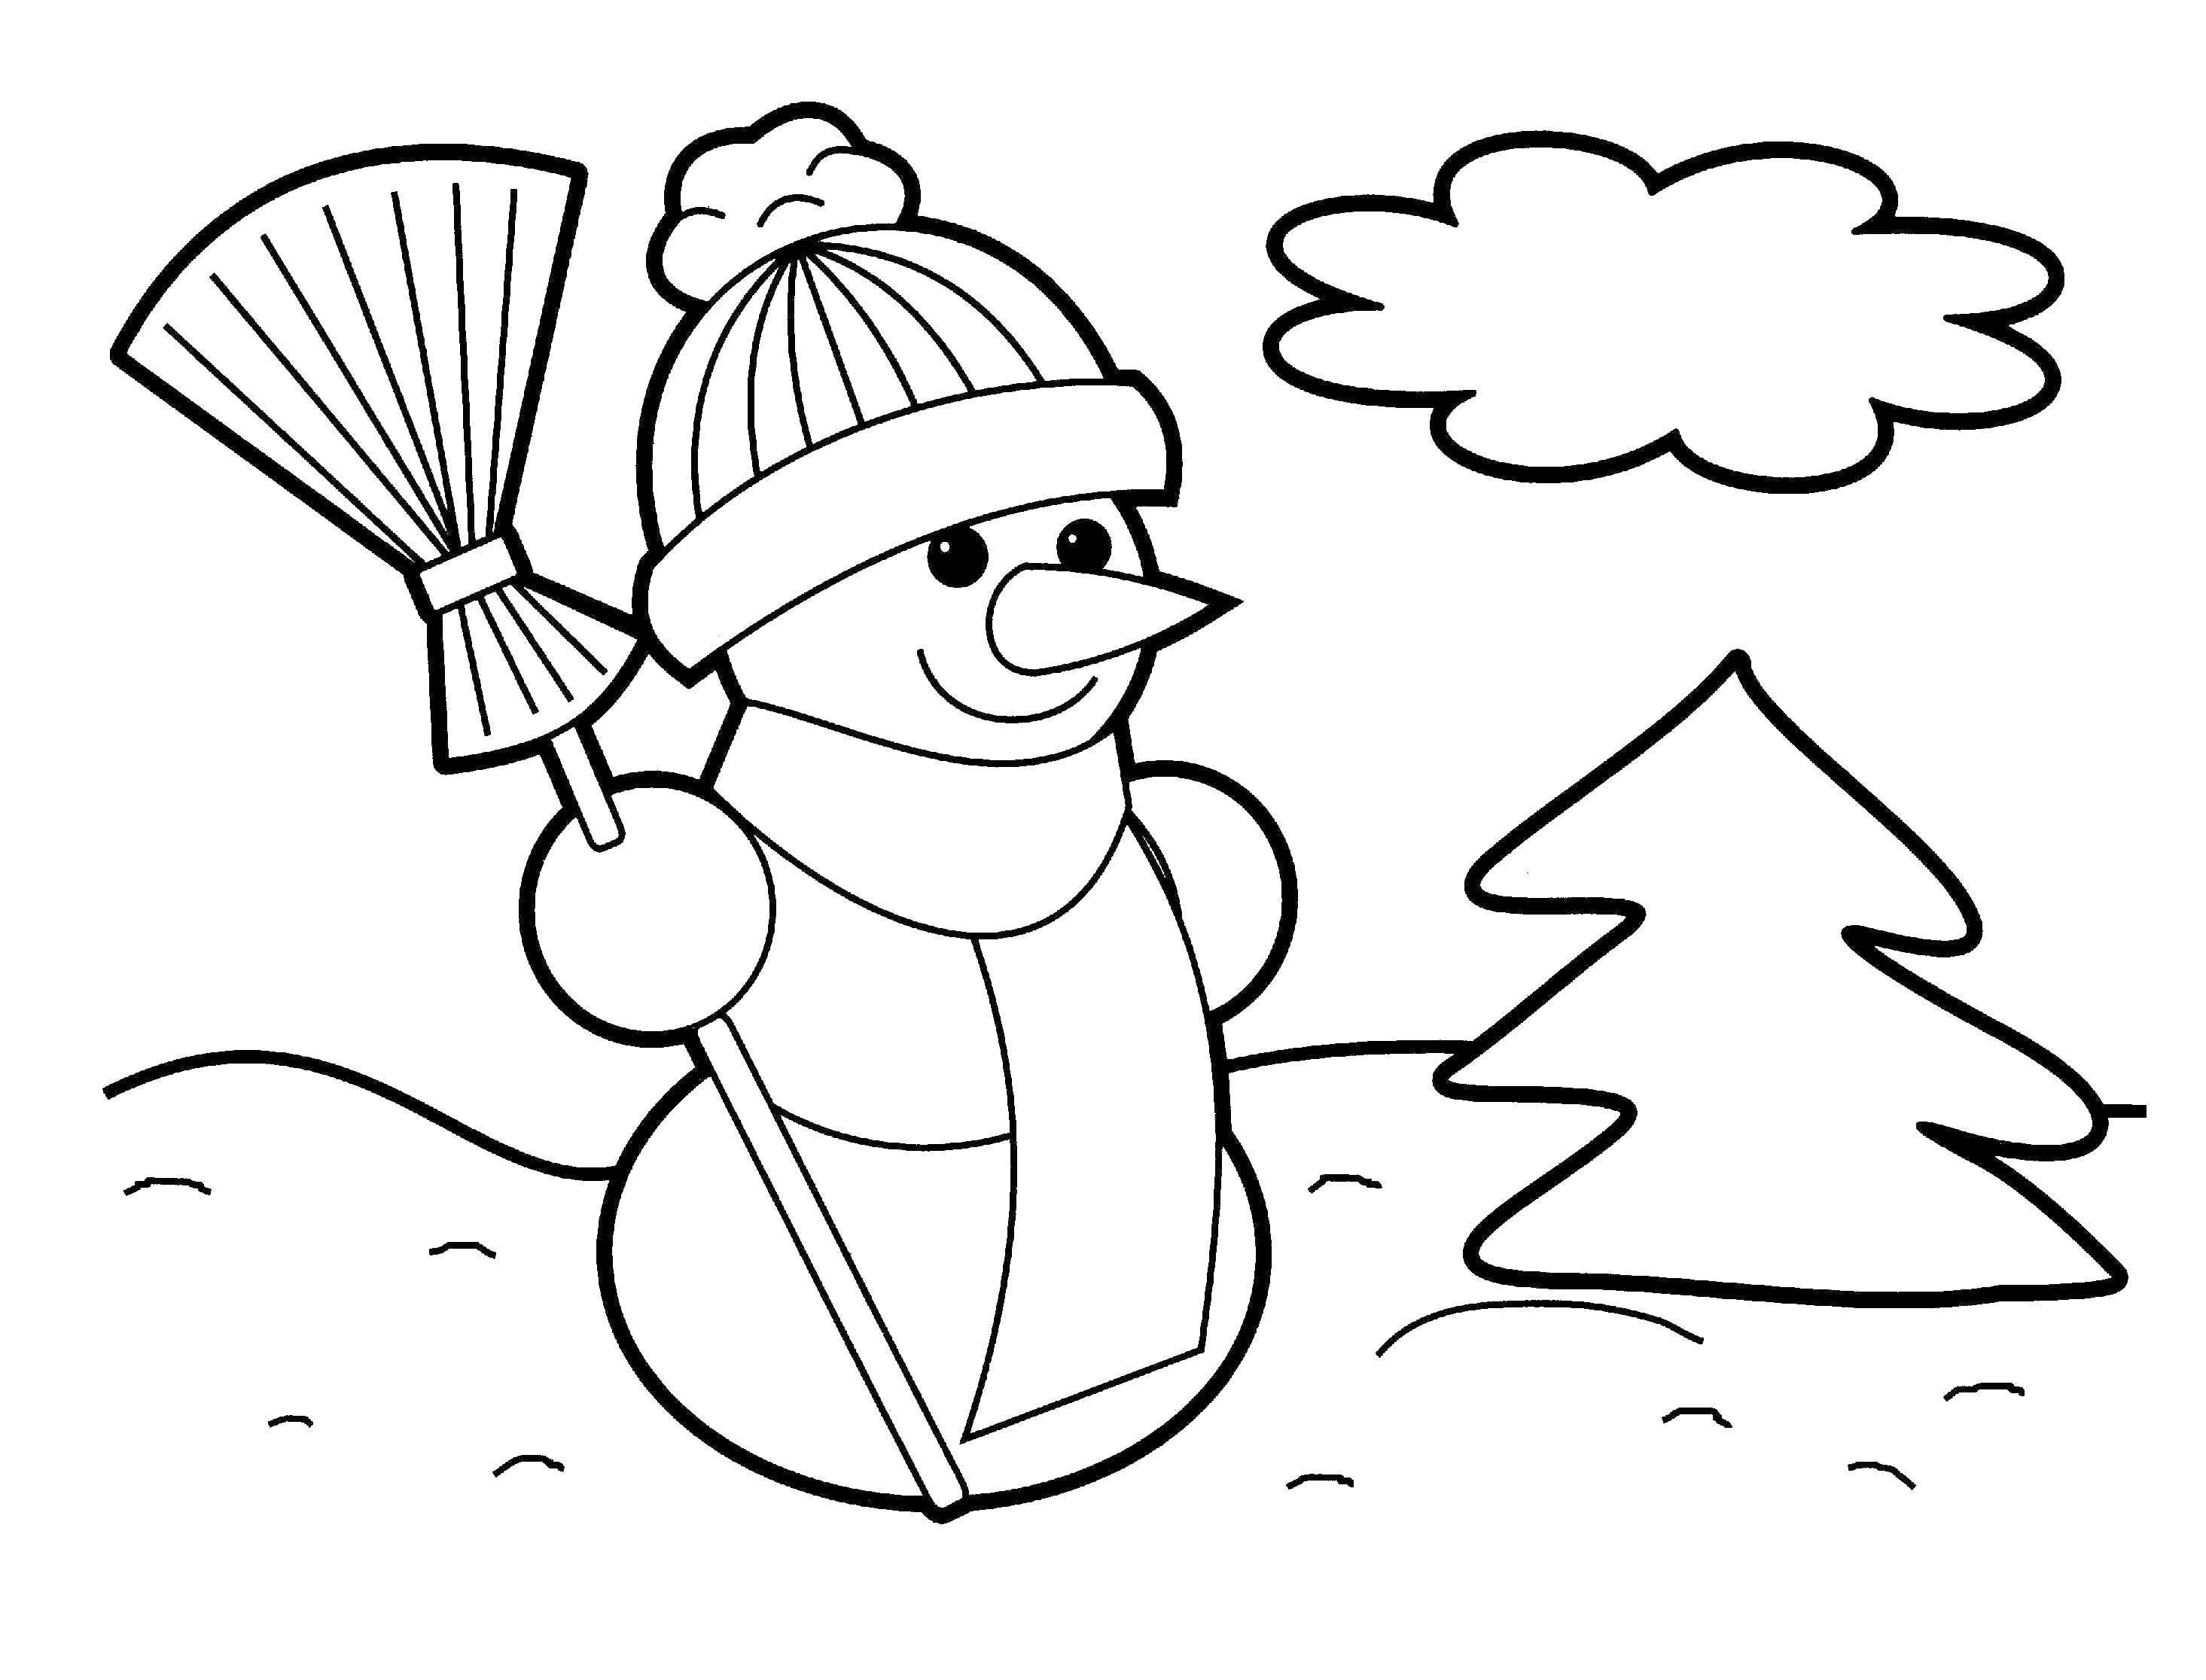 Раскраска Снеговик и елка. Скачать снеговик, шапка, метла, елка.  Распечатать ,зима,